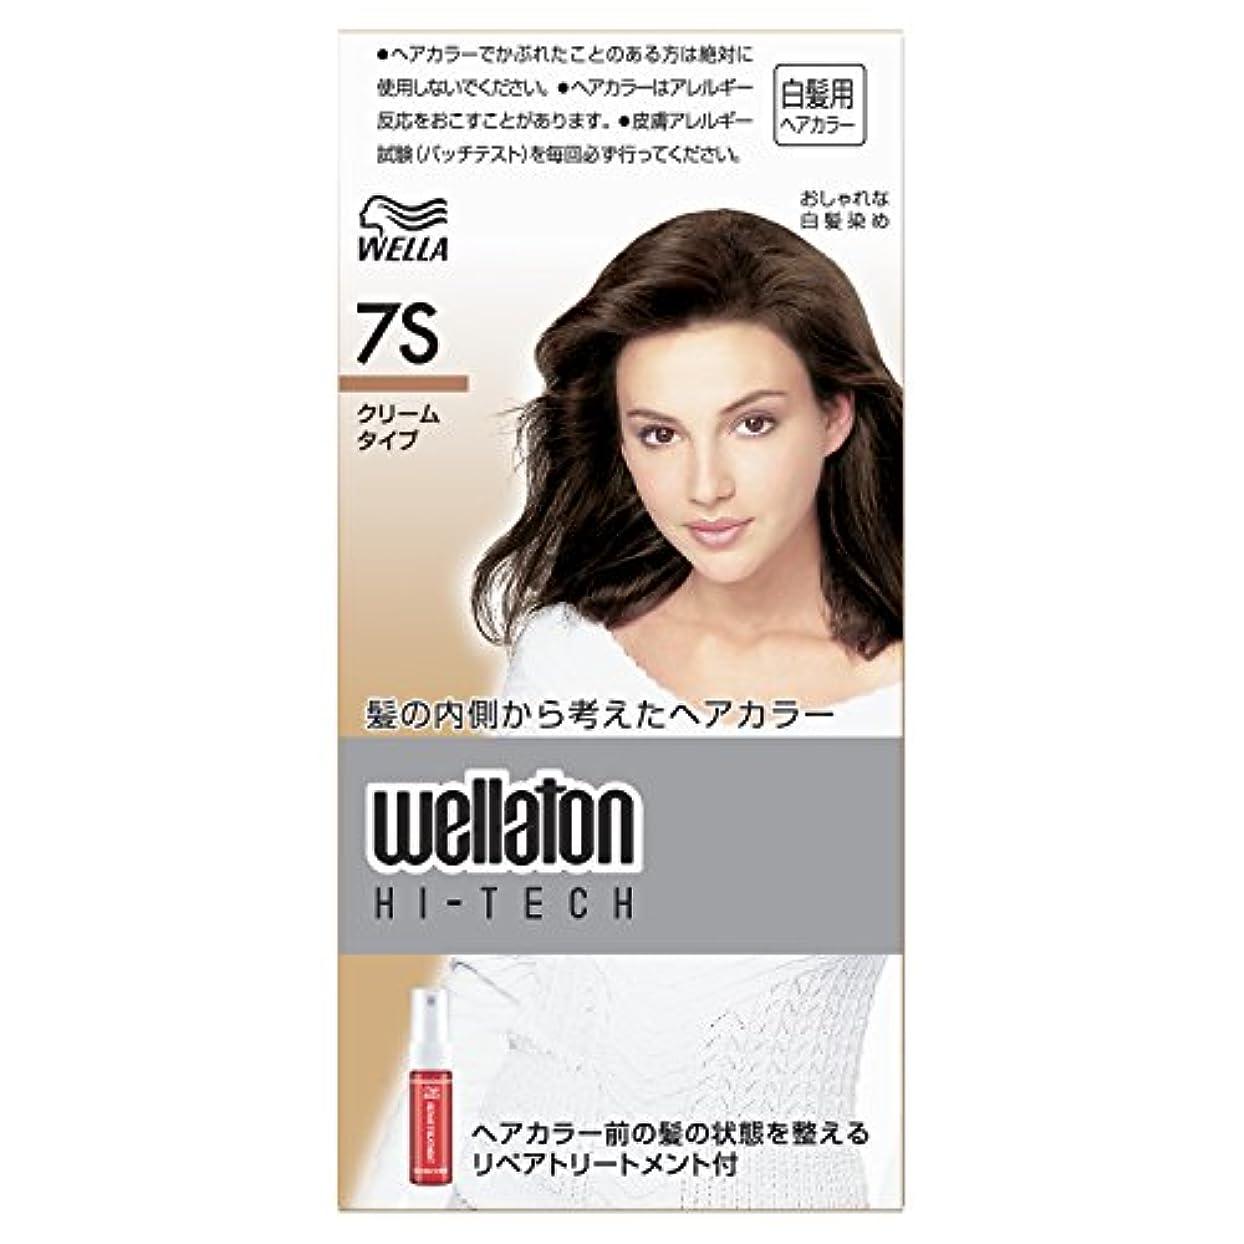 繊毛気分が良い扱いやすいウエラトーン ハイテック クリーム 7S [医薬部外品](おしゃれな白髪染め)